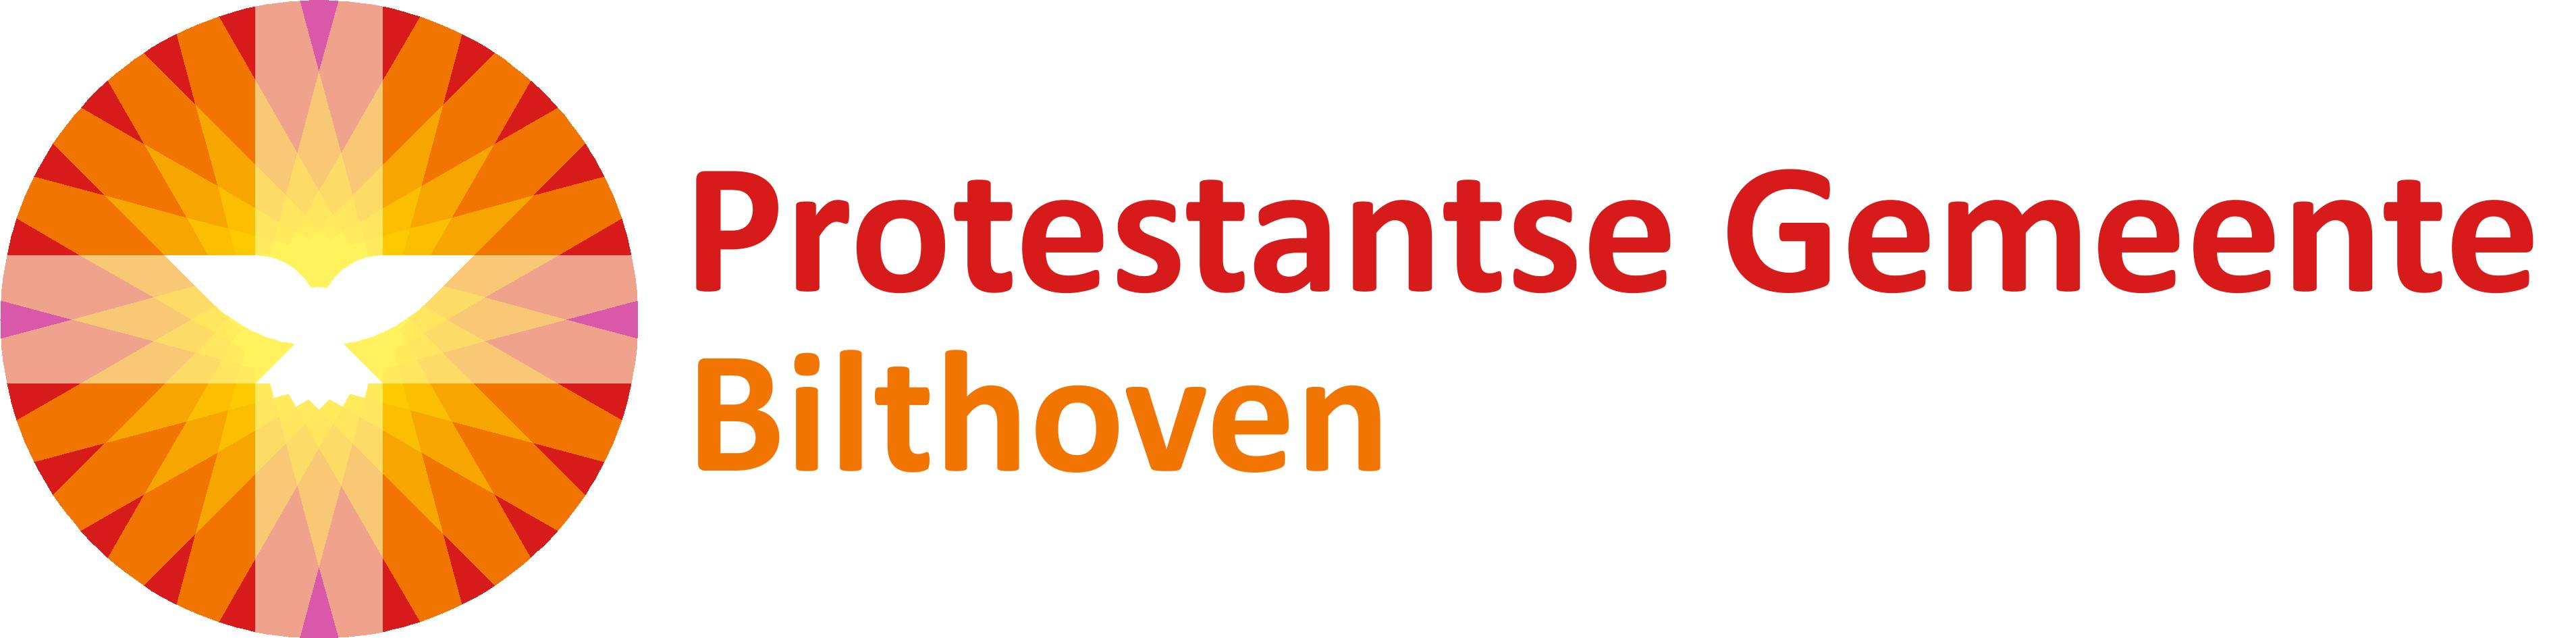 PG Bilthoven